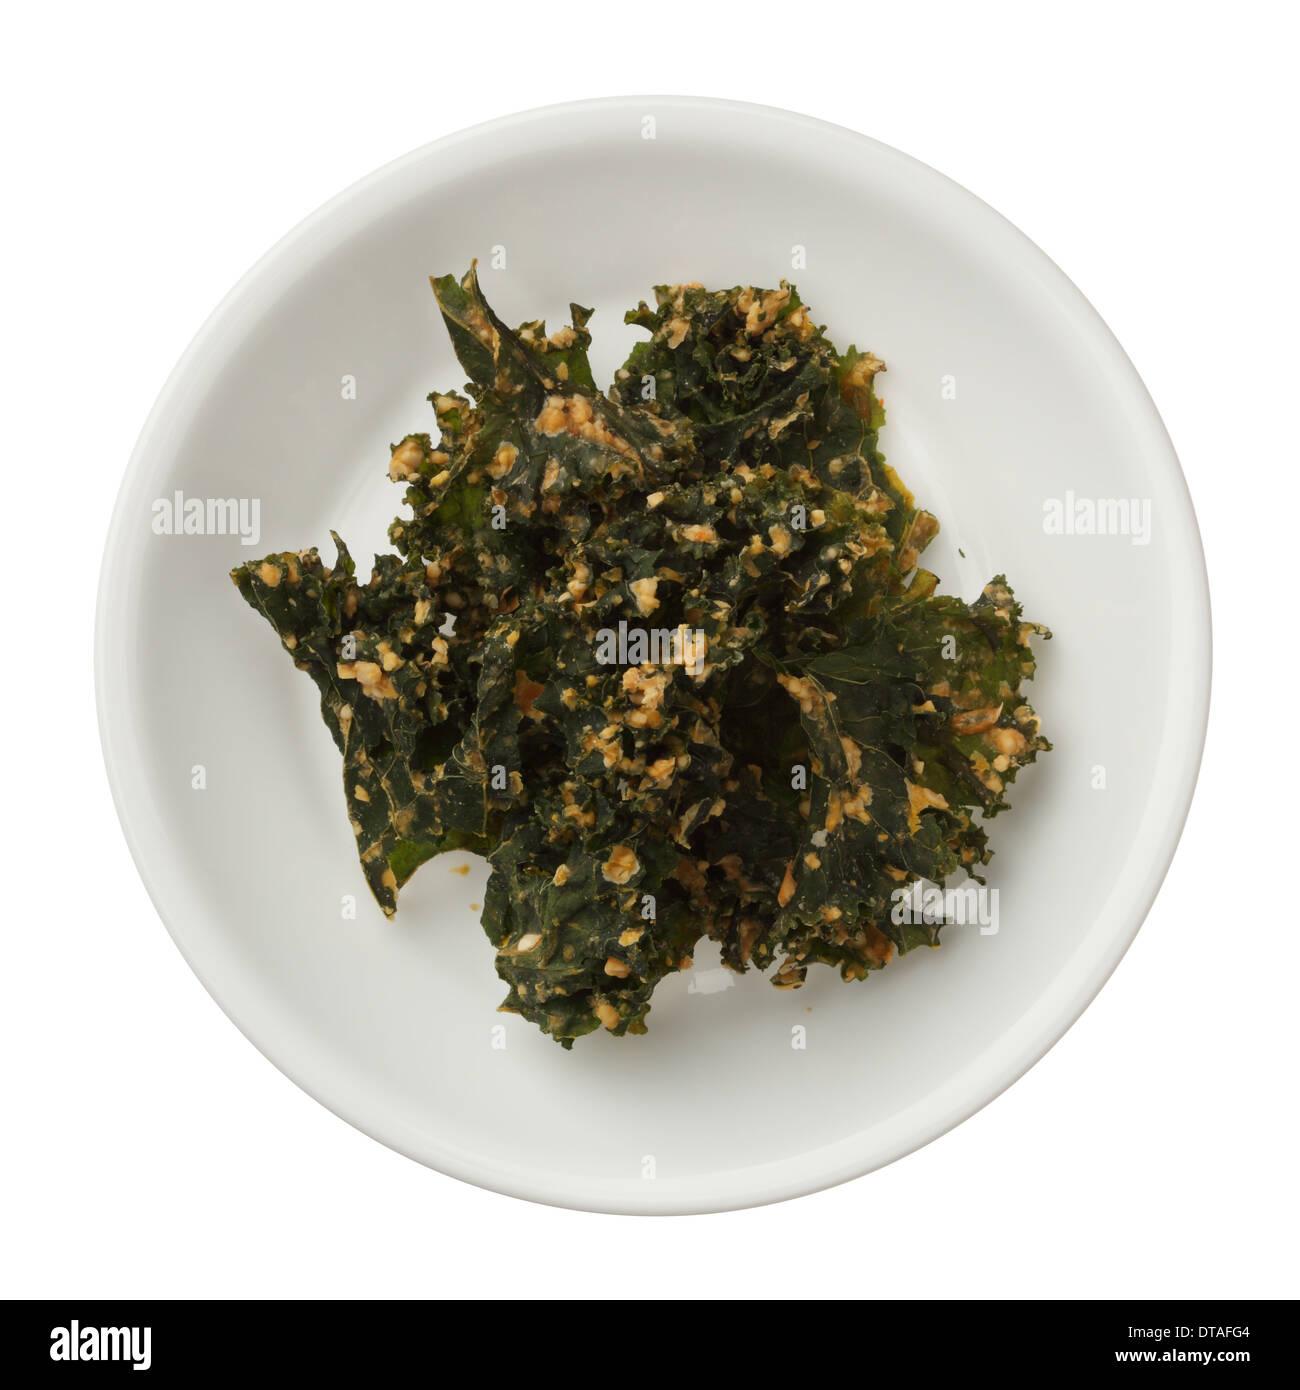 Geröstete Kale-Chips in einer Schüssel isoliert auf weißem Hintergrund Stockbild